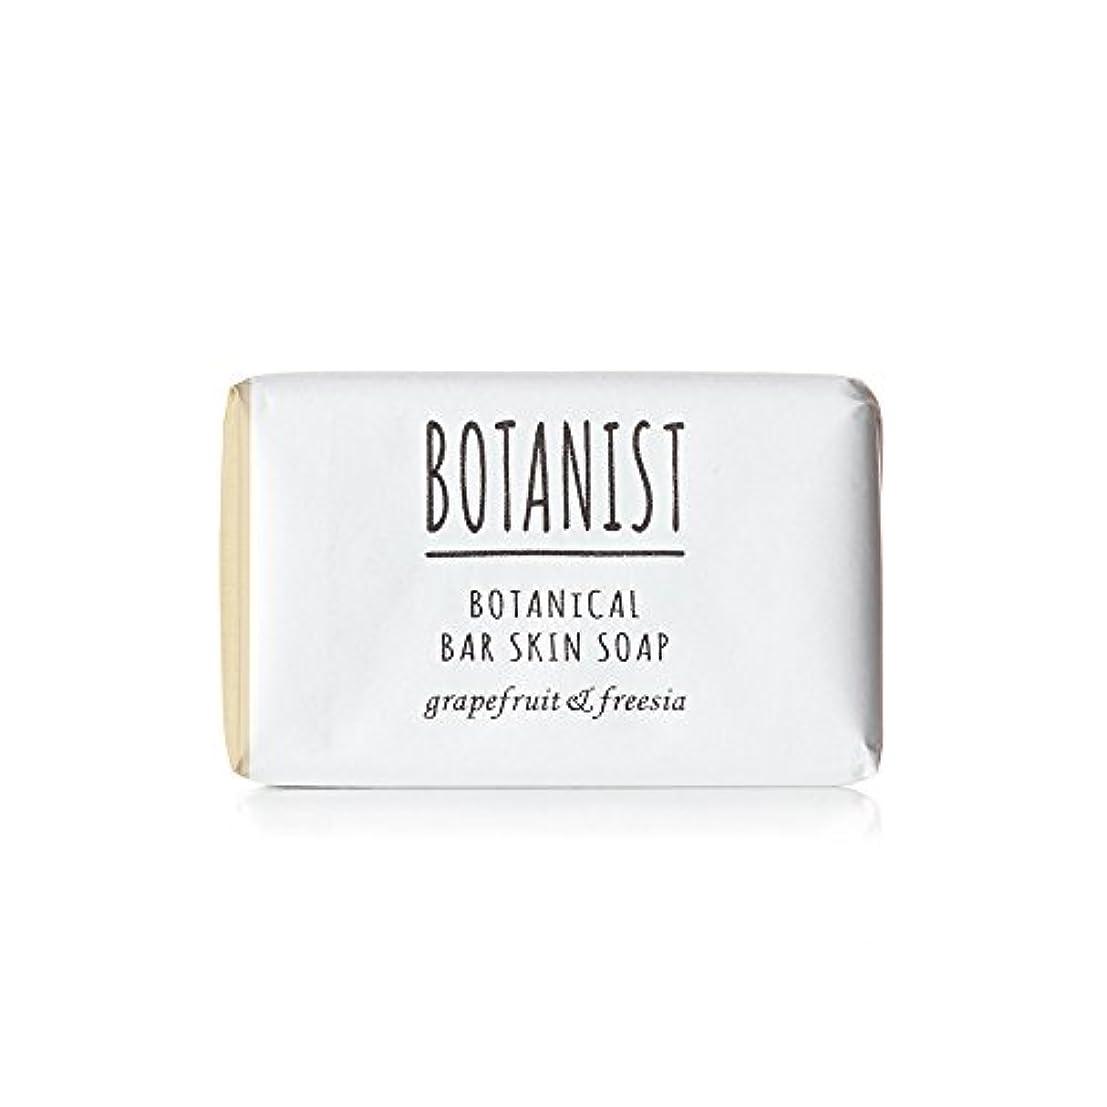 してはいけない伝記脊椎BOTANIST ボタニスト ボタニカル バースキンソープ 100g グレープフルーツ&フリージア